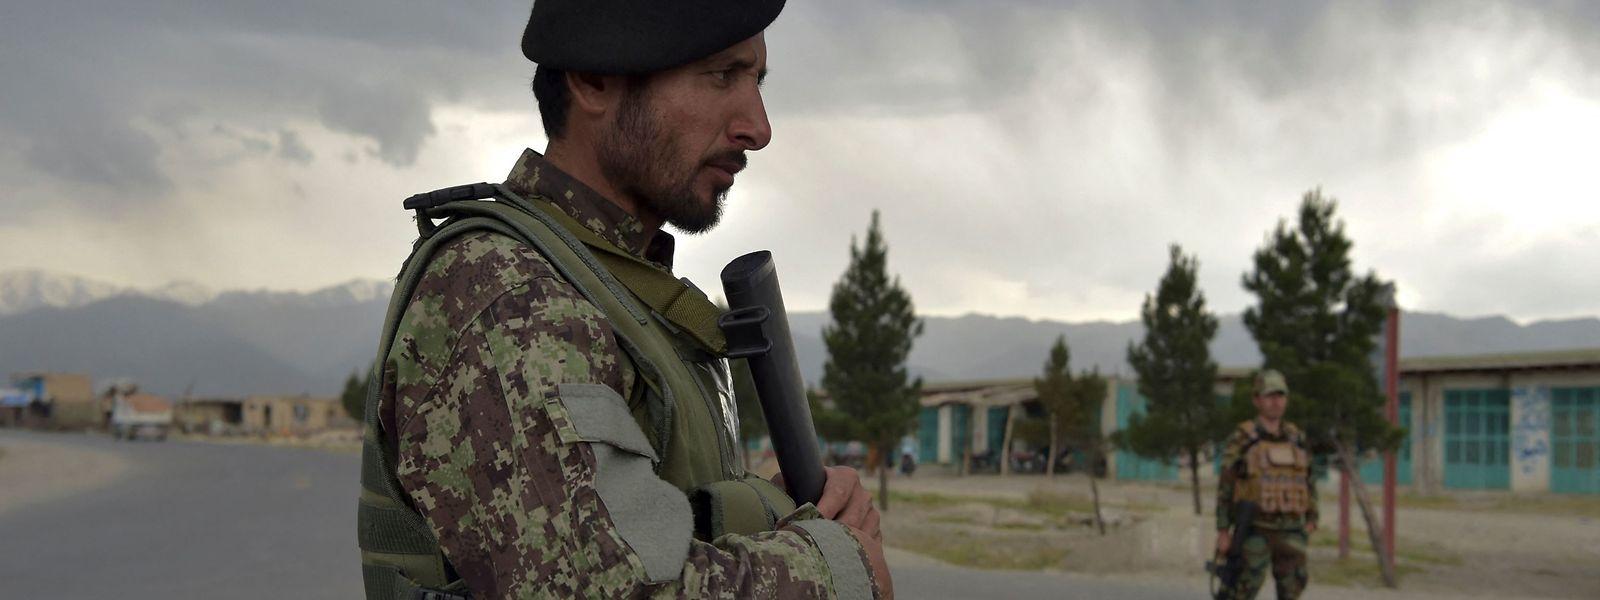 Ob die Afghanen wohl jemals in Frieden leben können?